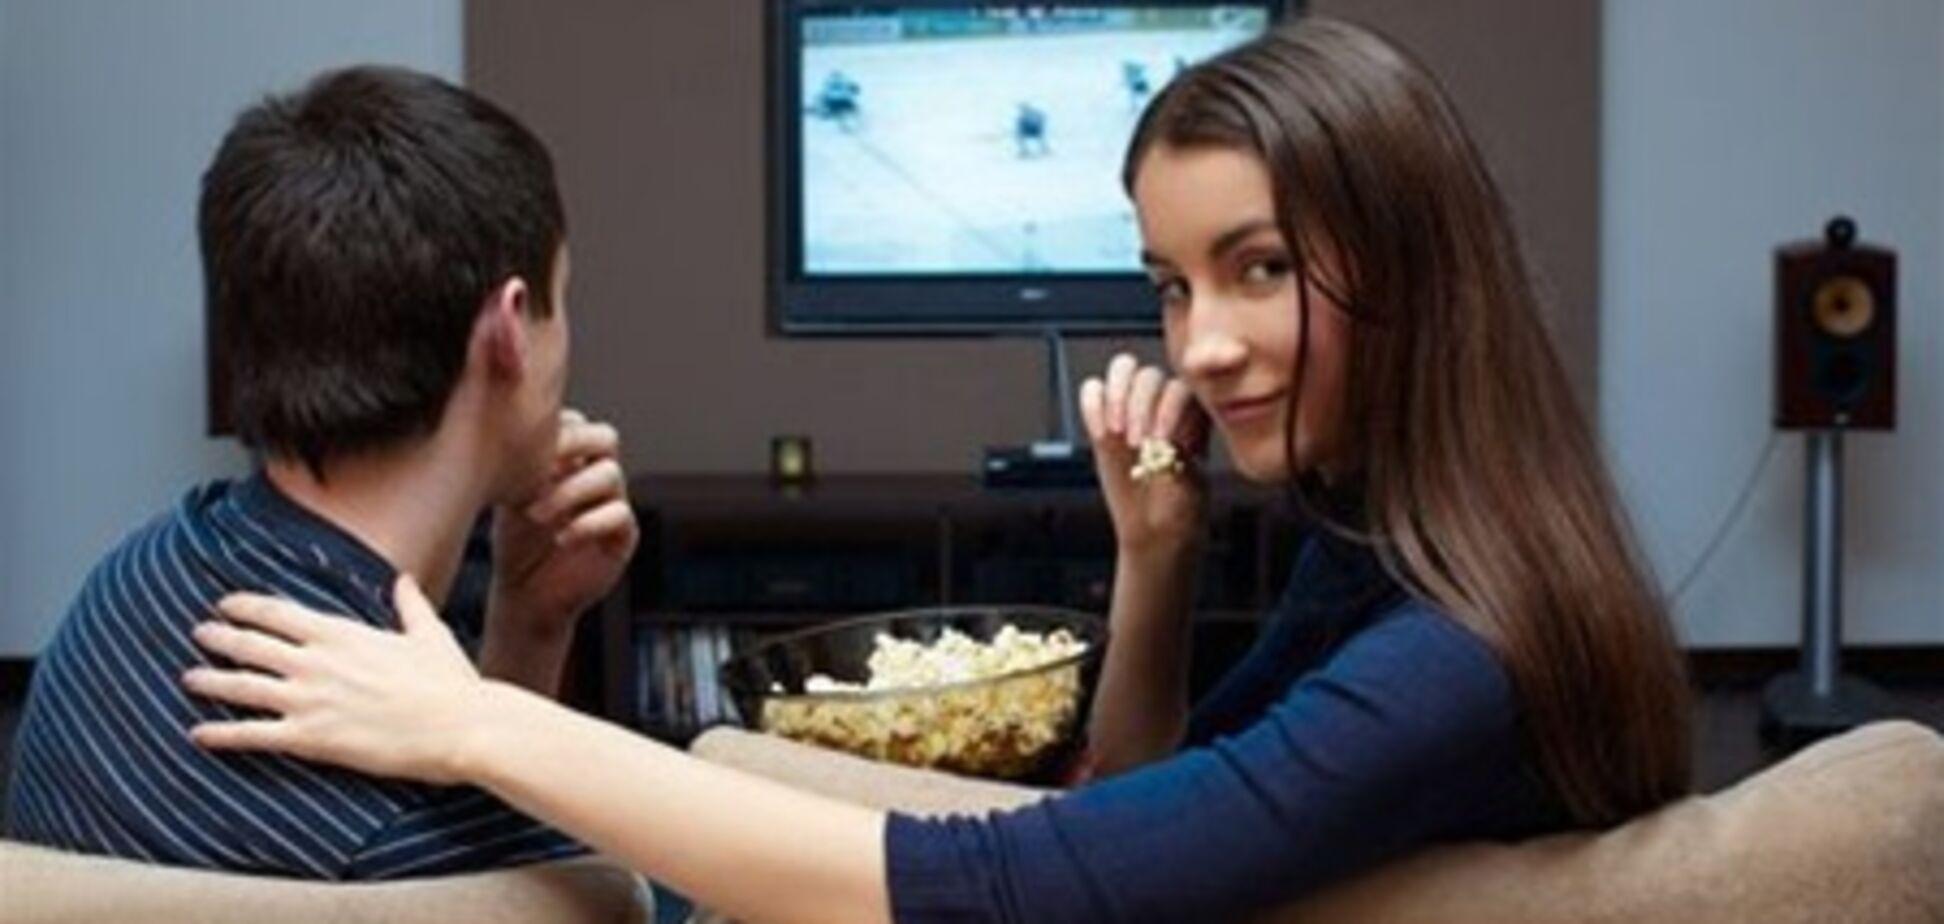 Эксперты рассказали, как домашний телевизор подключить к Интернету